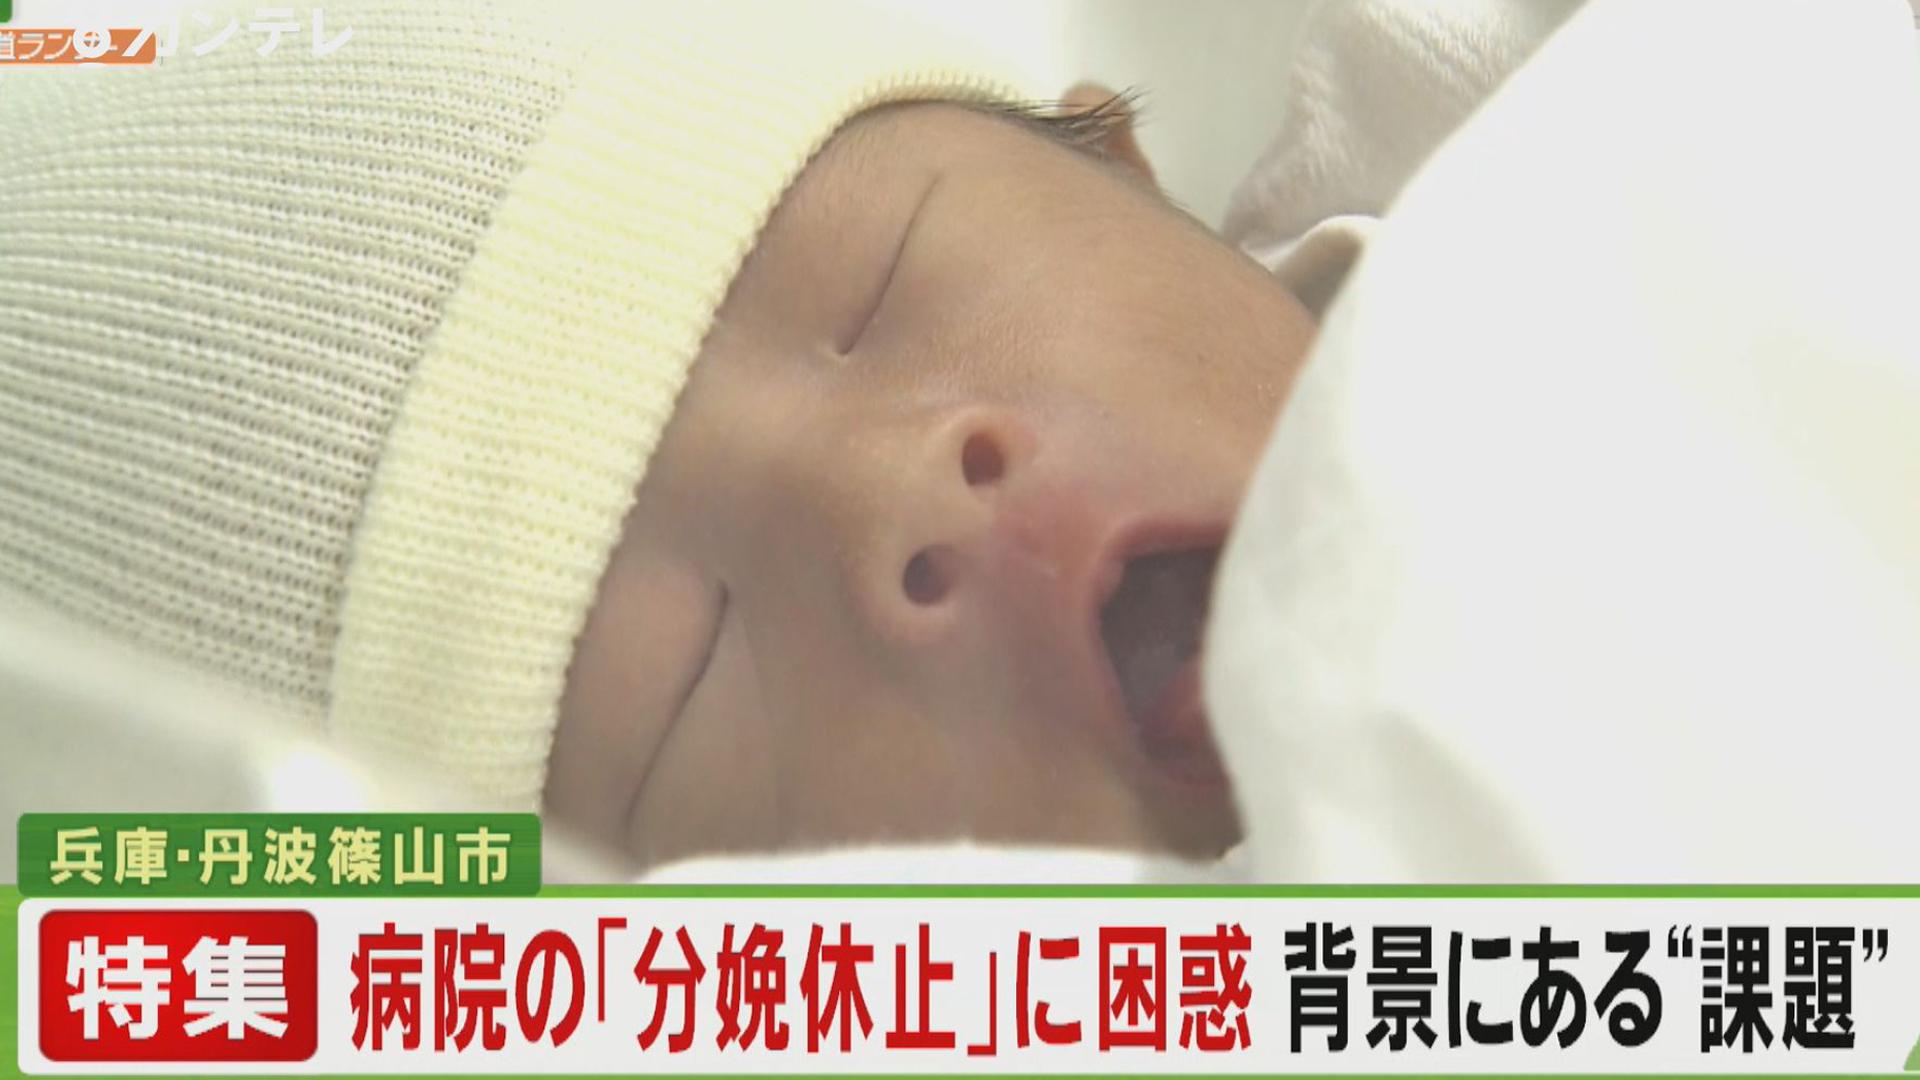 【特集】市内で唯一、分娩を扱う総合病院が…『分娩休止』を表明 戸惑う市民、背景にある「課題」